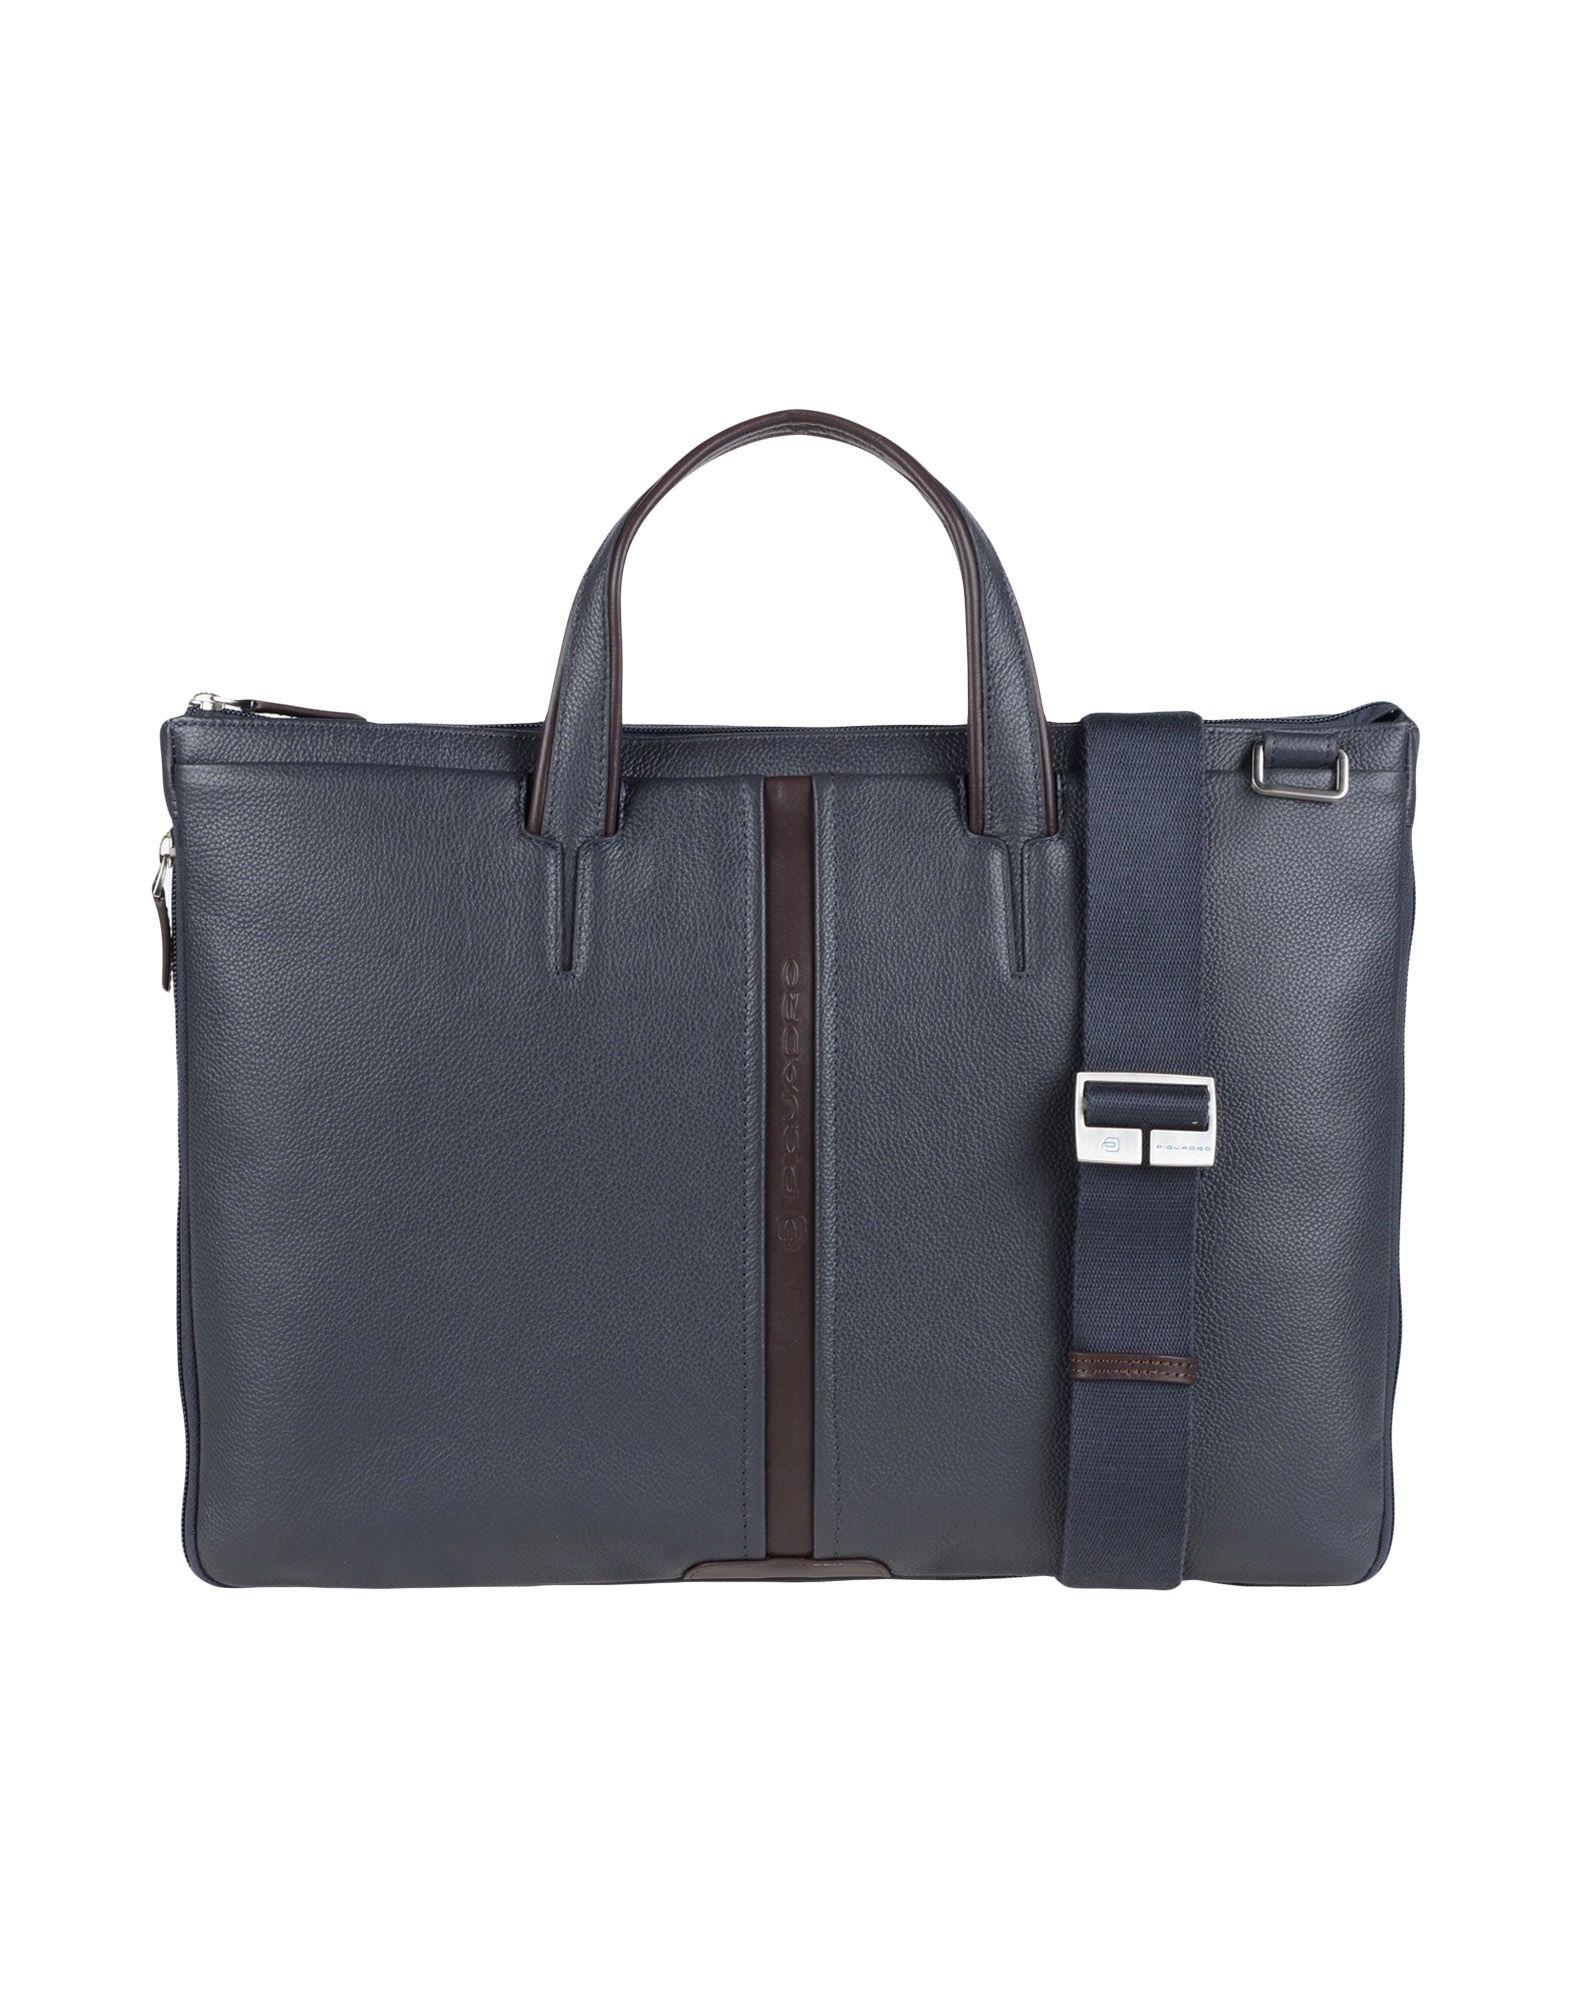 Doucal's HANDBAGS - Work Bags su YOOX.COM 7Ld0i2g